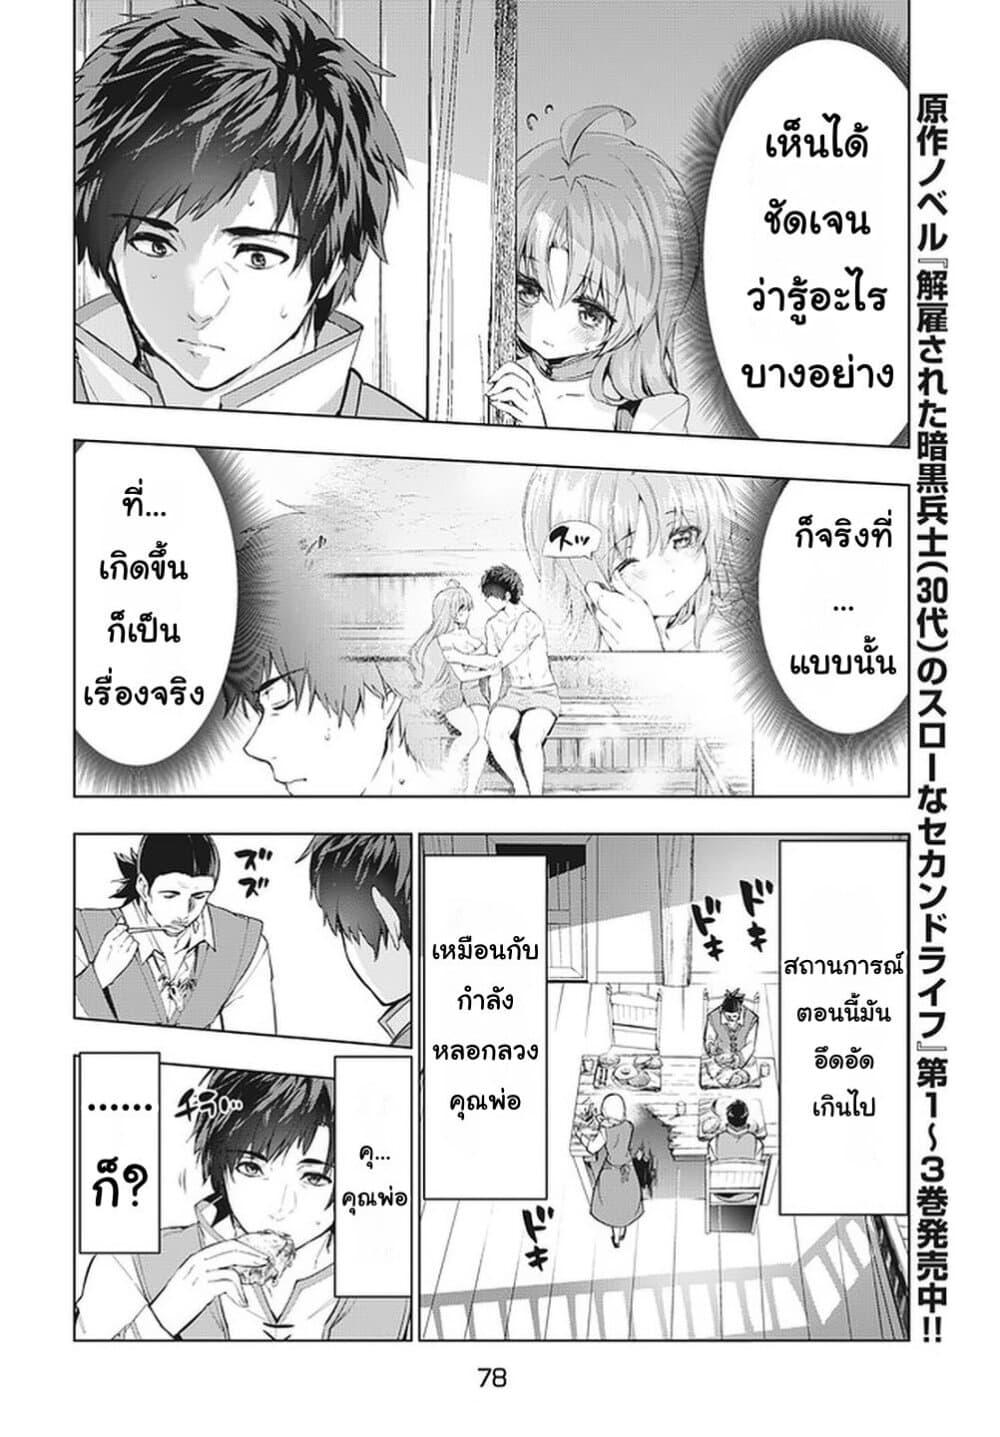 อ่านการ์ตูน Kaiko sareta Ankoku Heishi (30-dai) no Slow na Second ตอนที่ 13.1 หน้าที่ 4